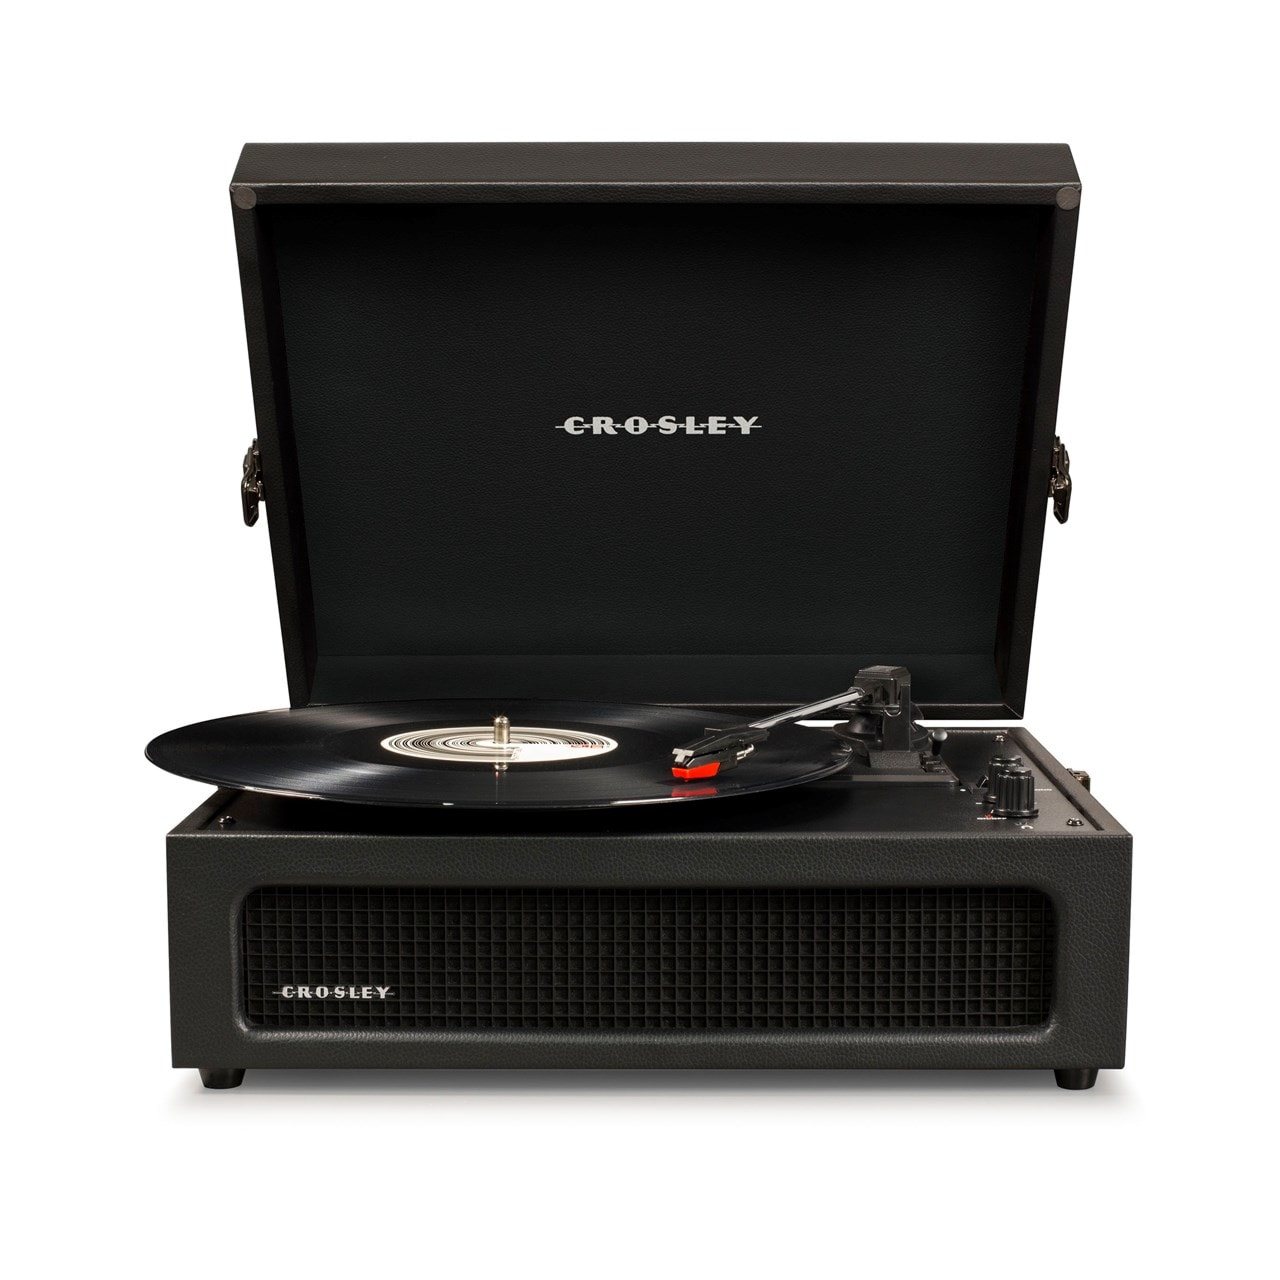 Crosley Voyager Black Turntable - 1